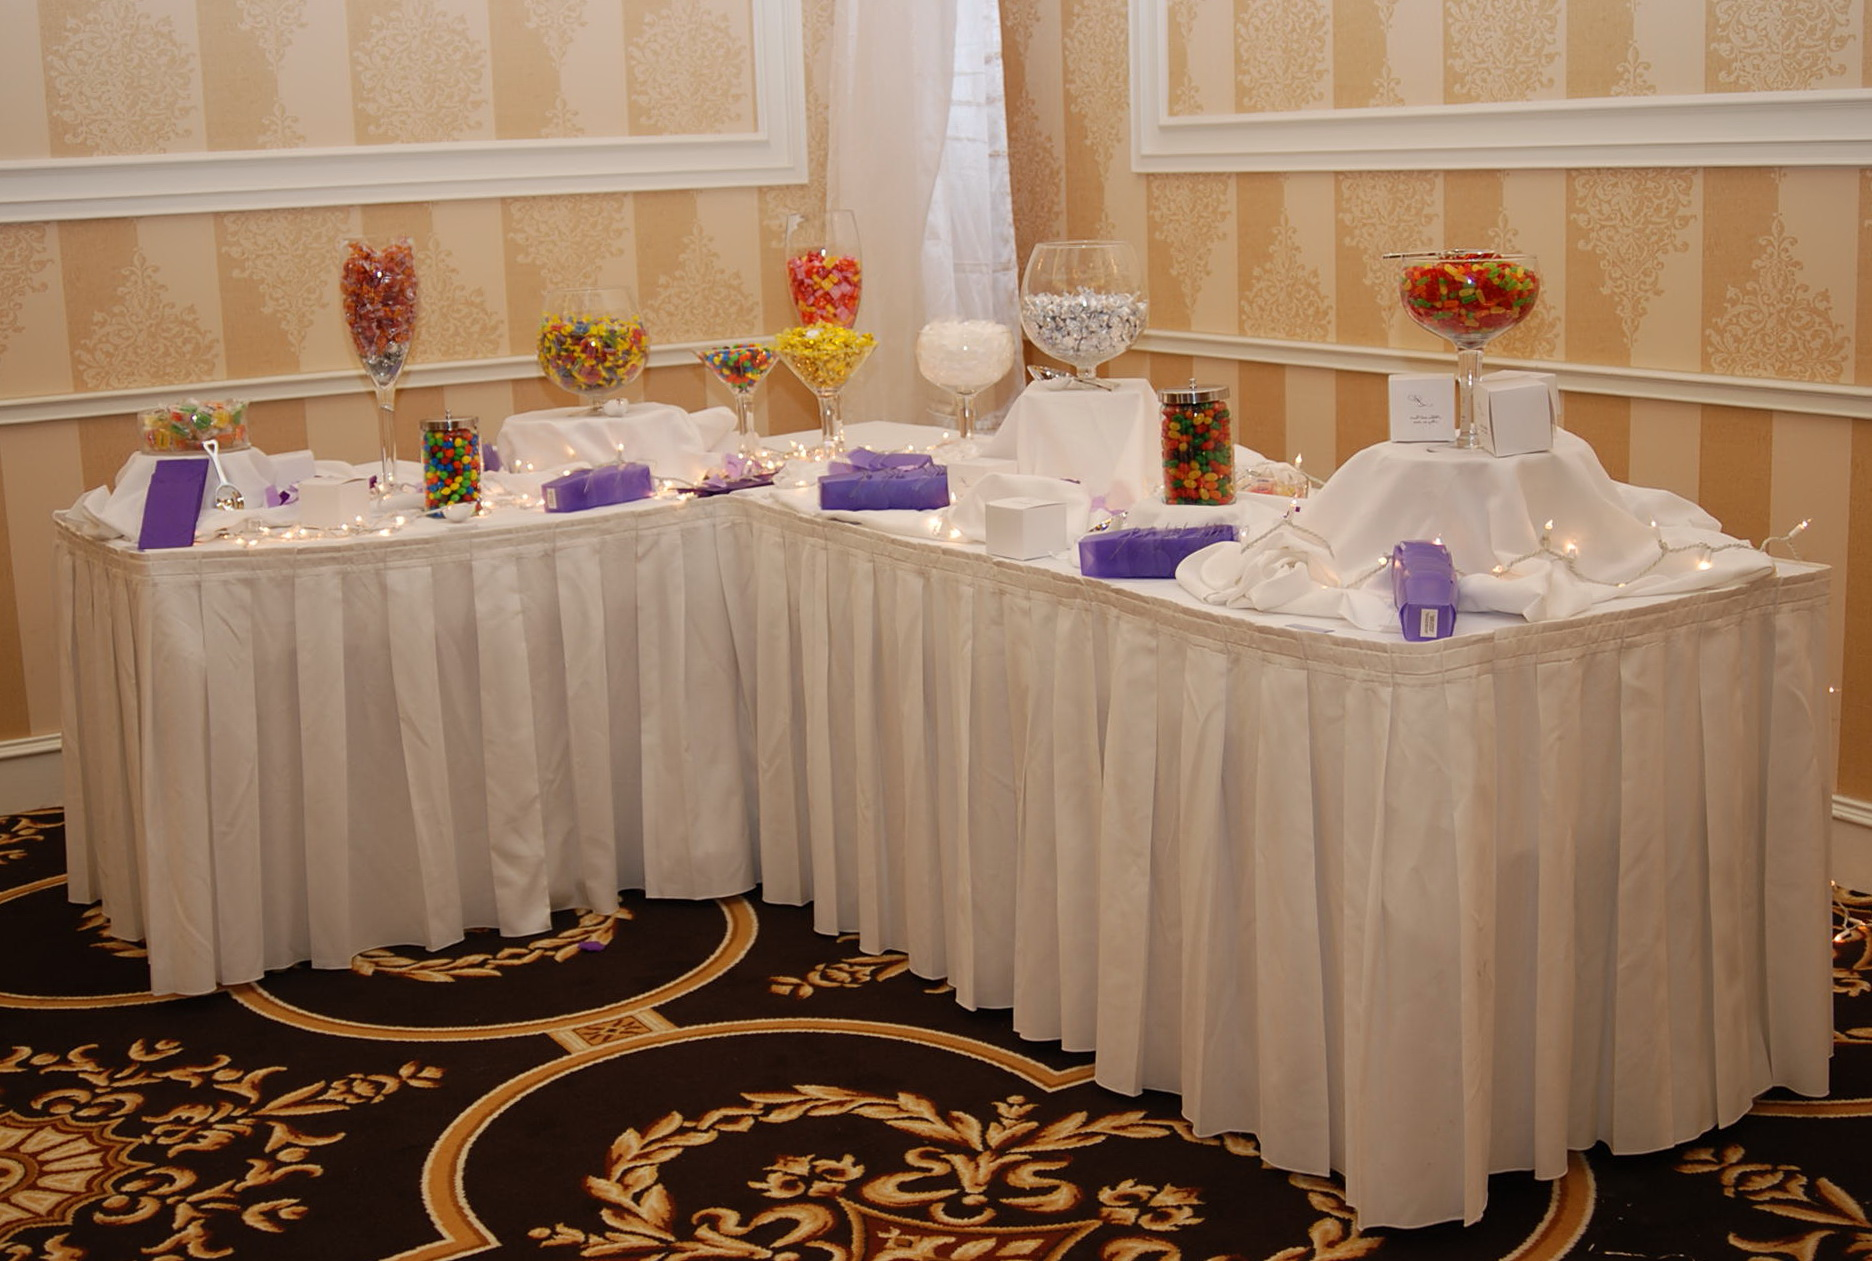 Table Linen Rentals Nj